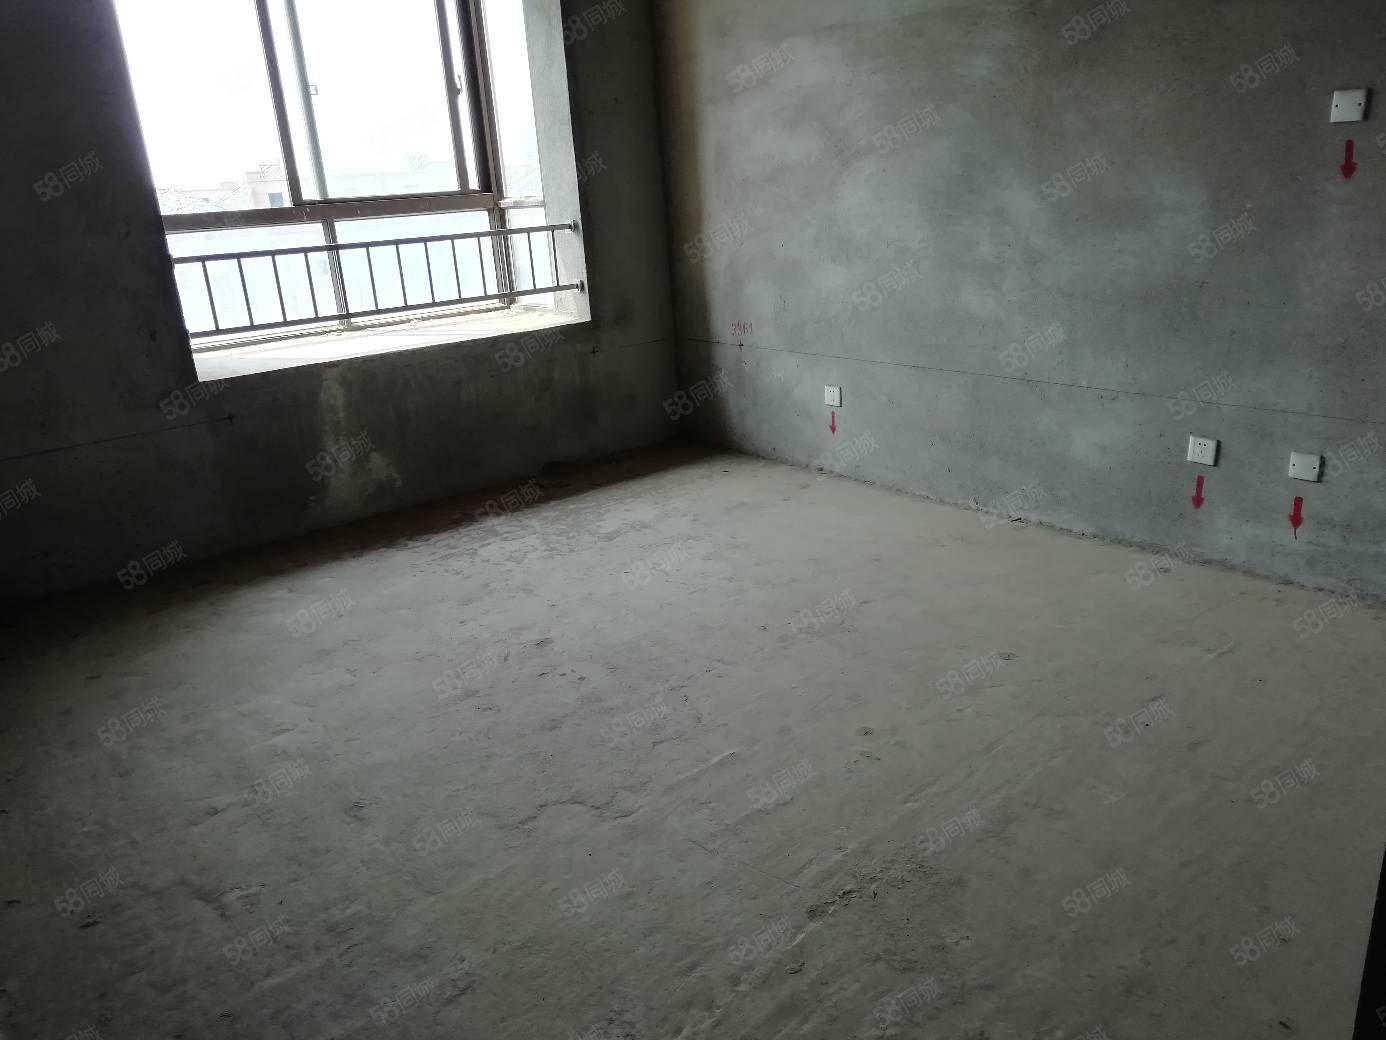 馥桂園一期16樓邊戶,視野開闊陽光充足,與尚書房匯賢華府一起